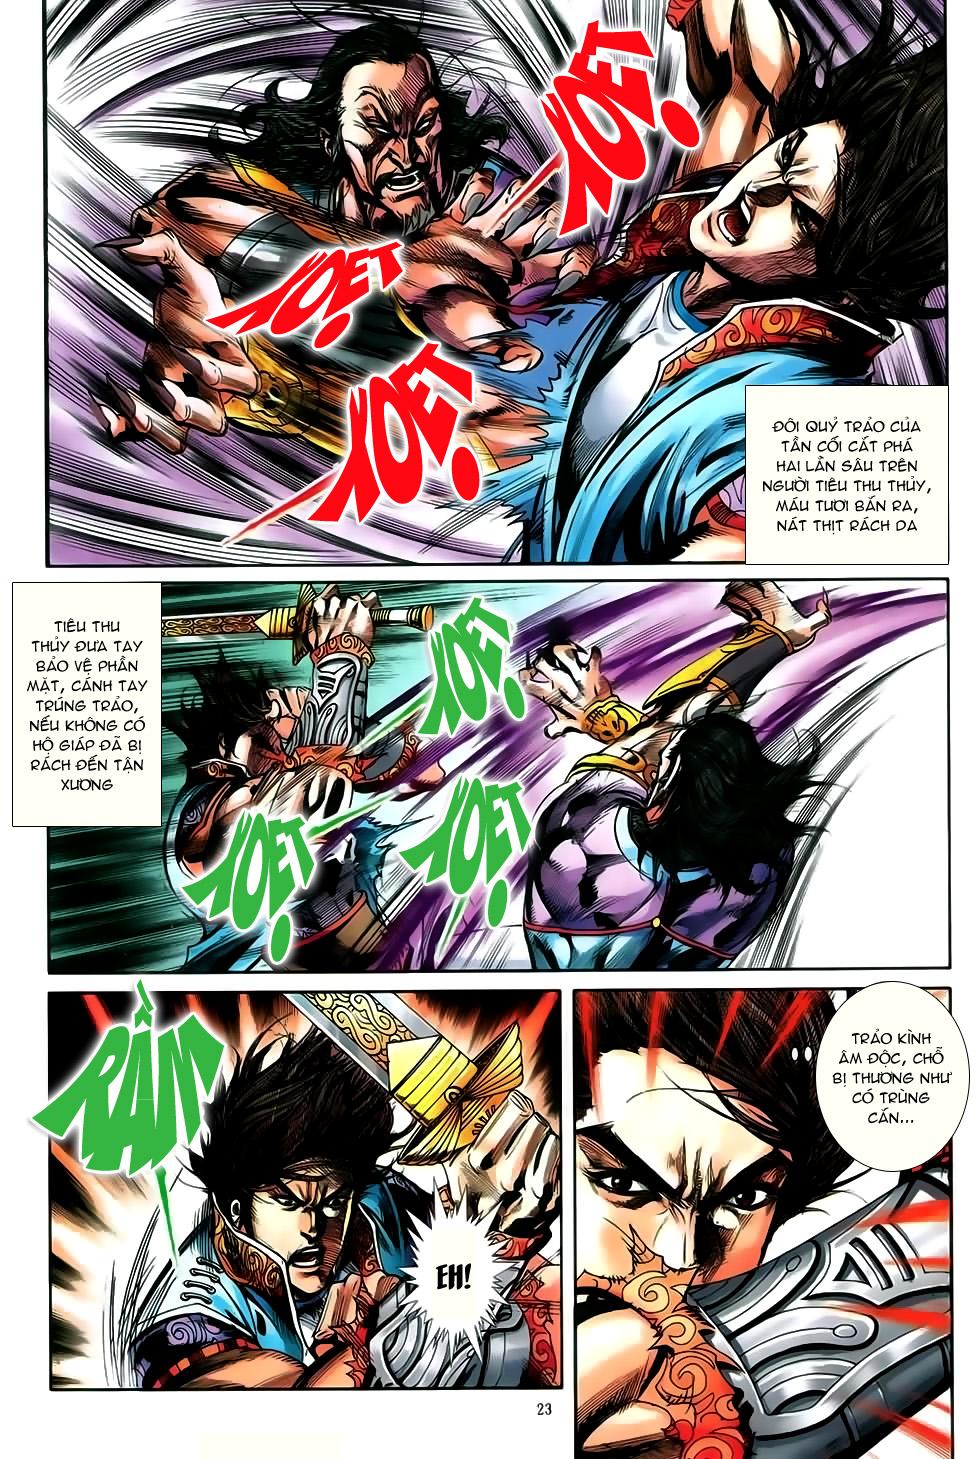 Đại Hiệp Truyền Kỳ (Thần Châu Hậu Truyện) chap 50 - Trang 20